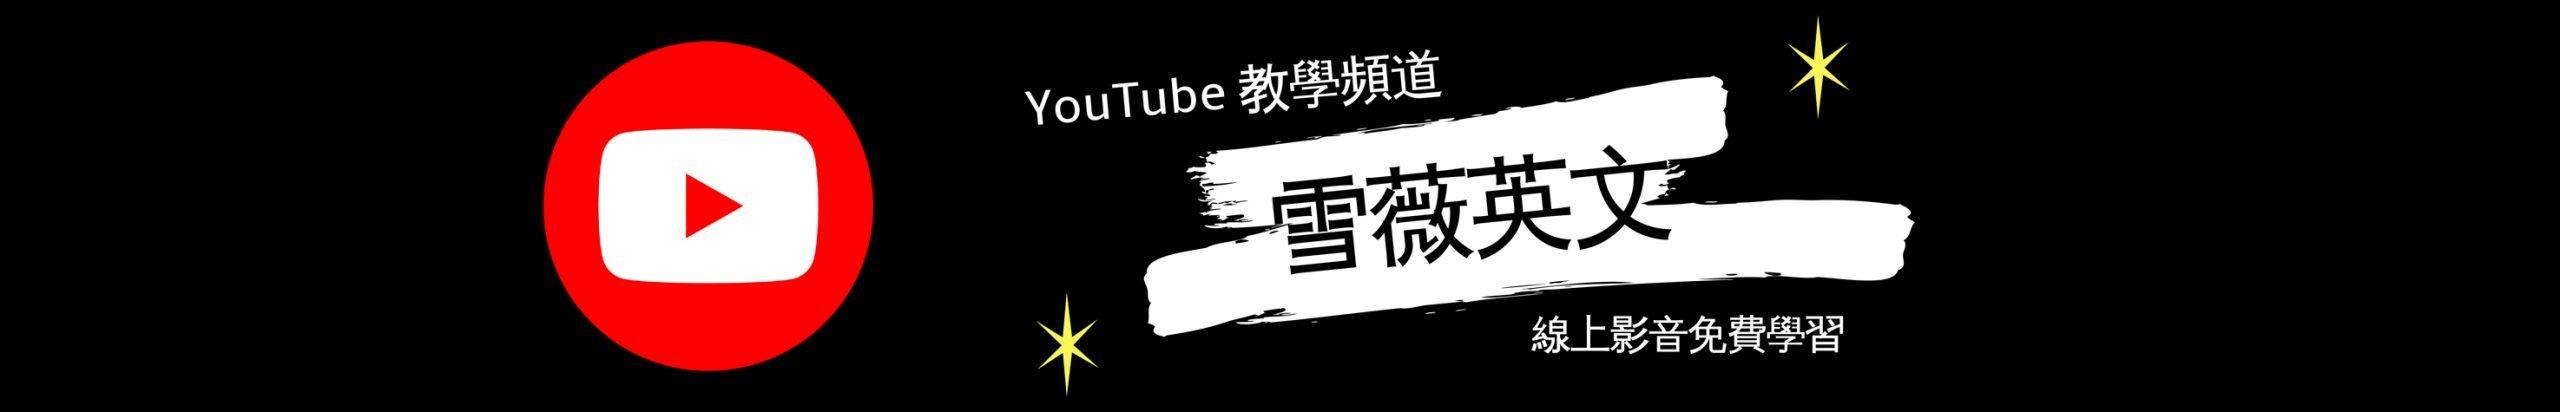 雪薇英文Youtube